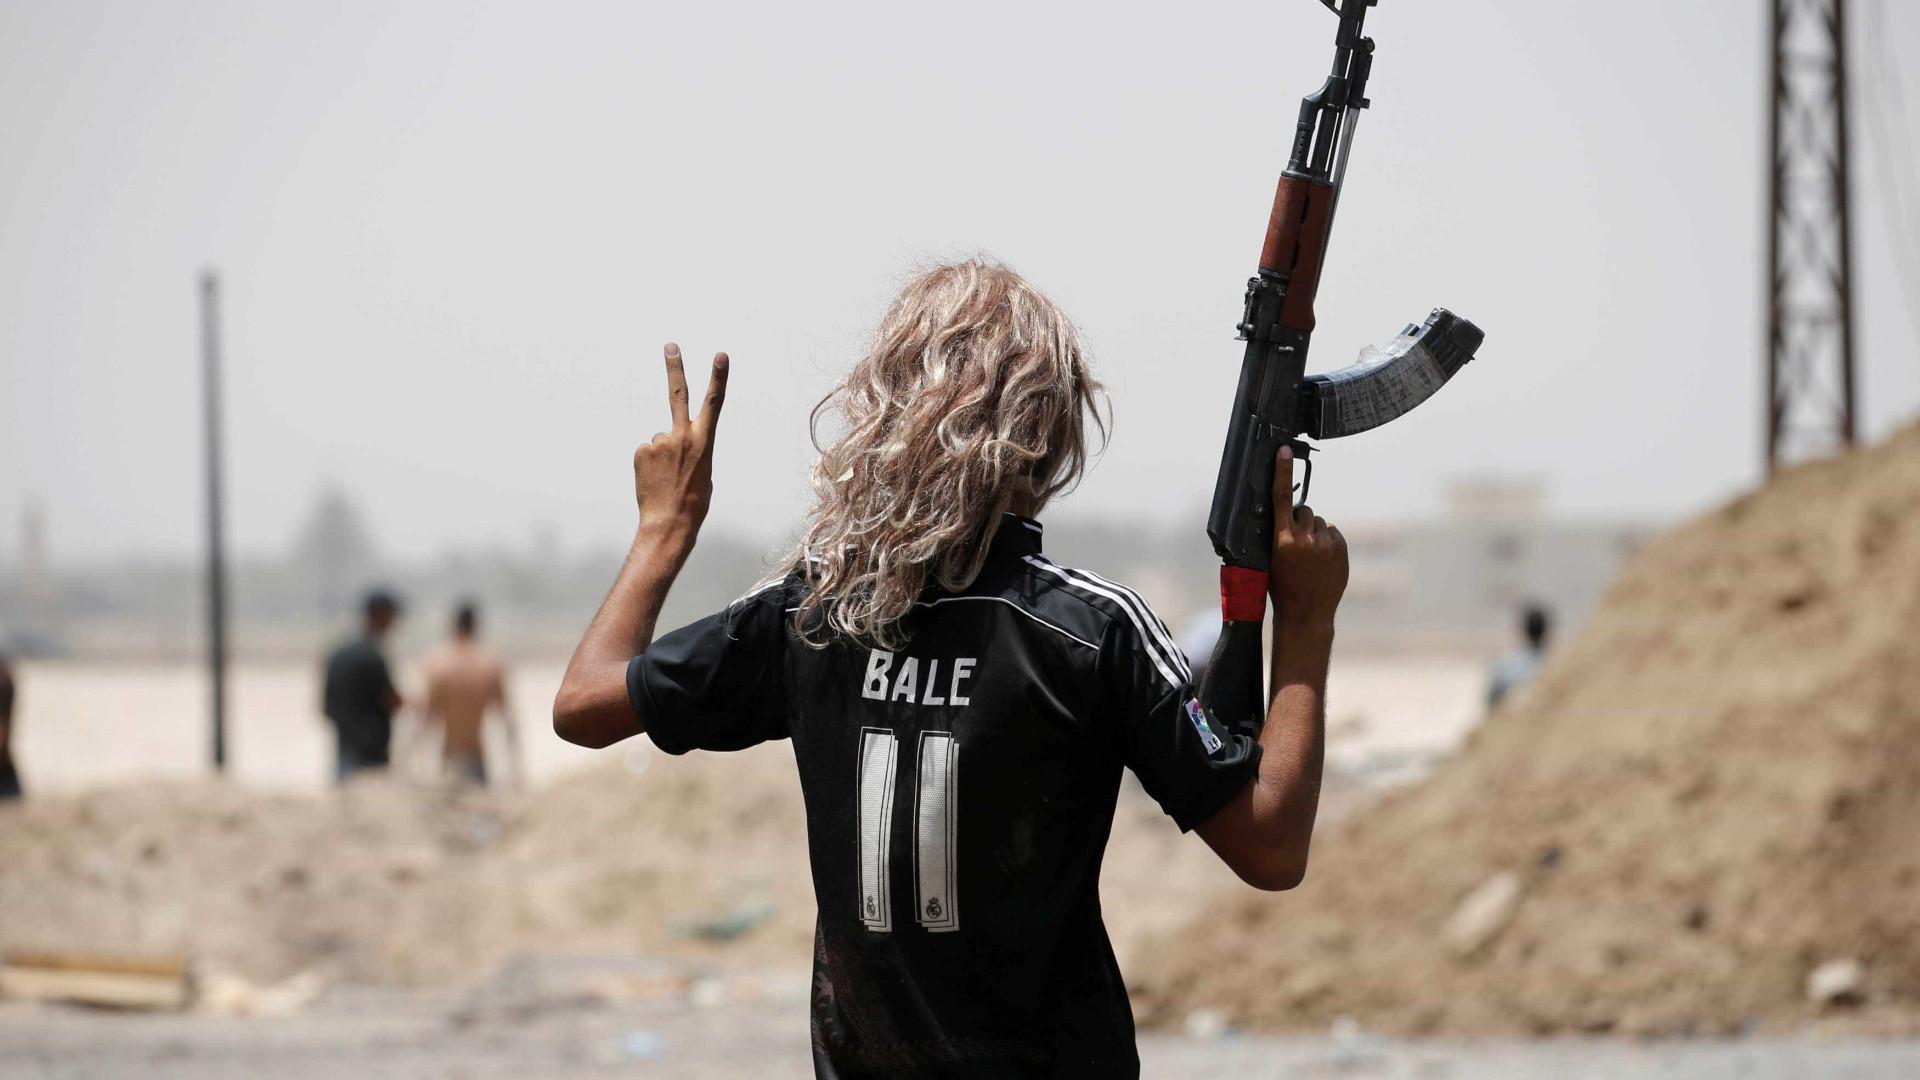 Estado Islâmico planejou ataque contra França para Rio 2016, diz relatório